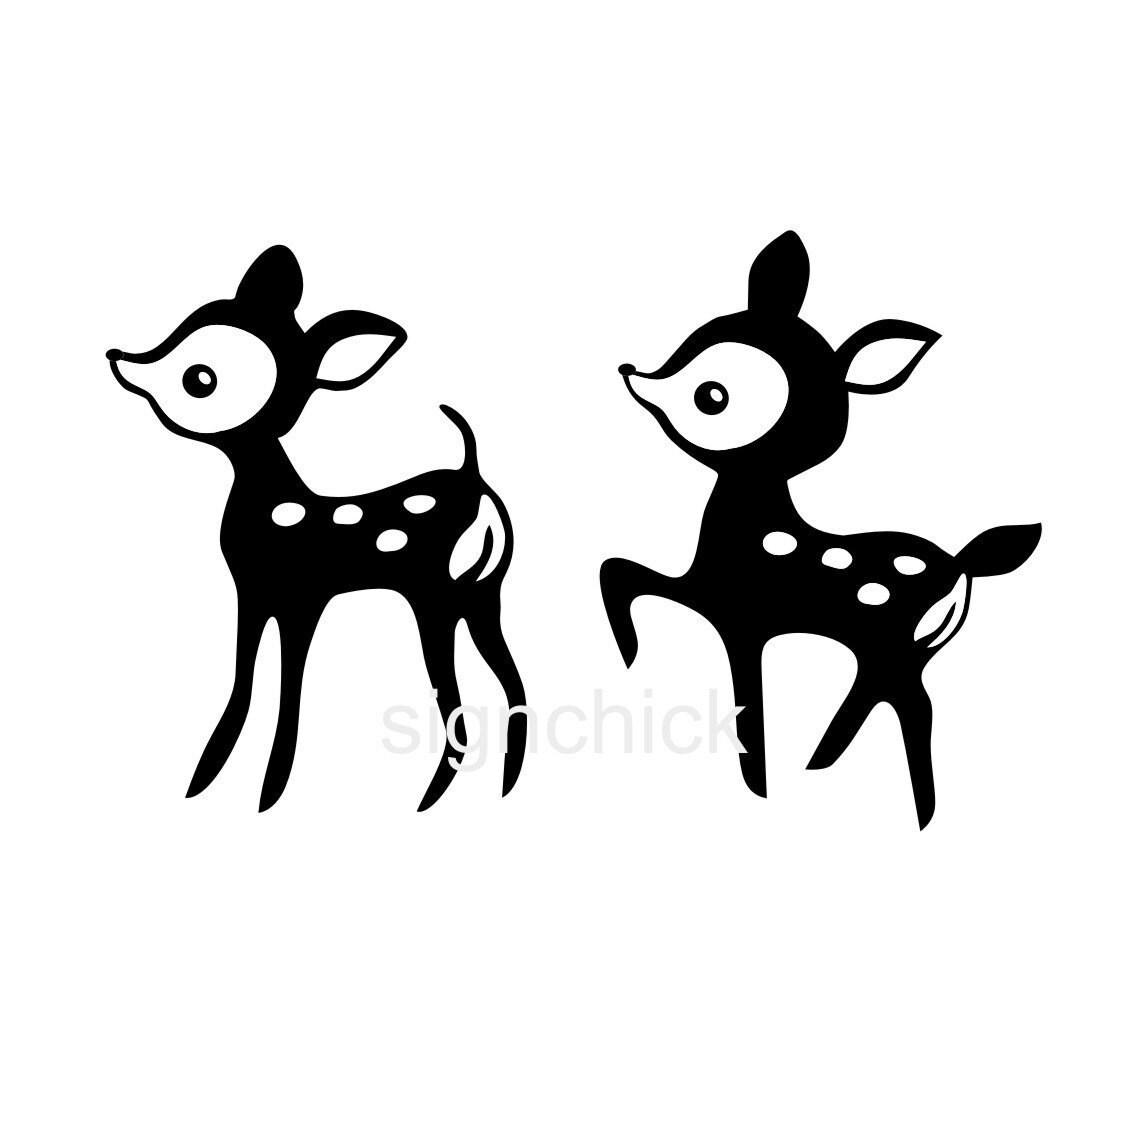 Image De Art Deer And Drawing: Baby Deer Wall Decals Set Of 2 Deer Vinyl Wall Art